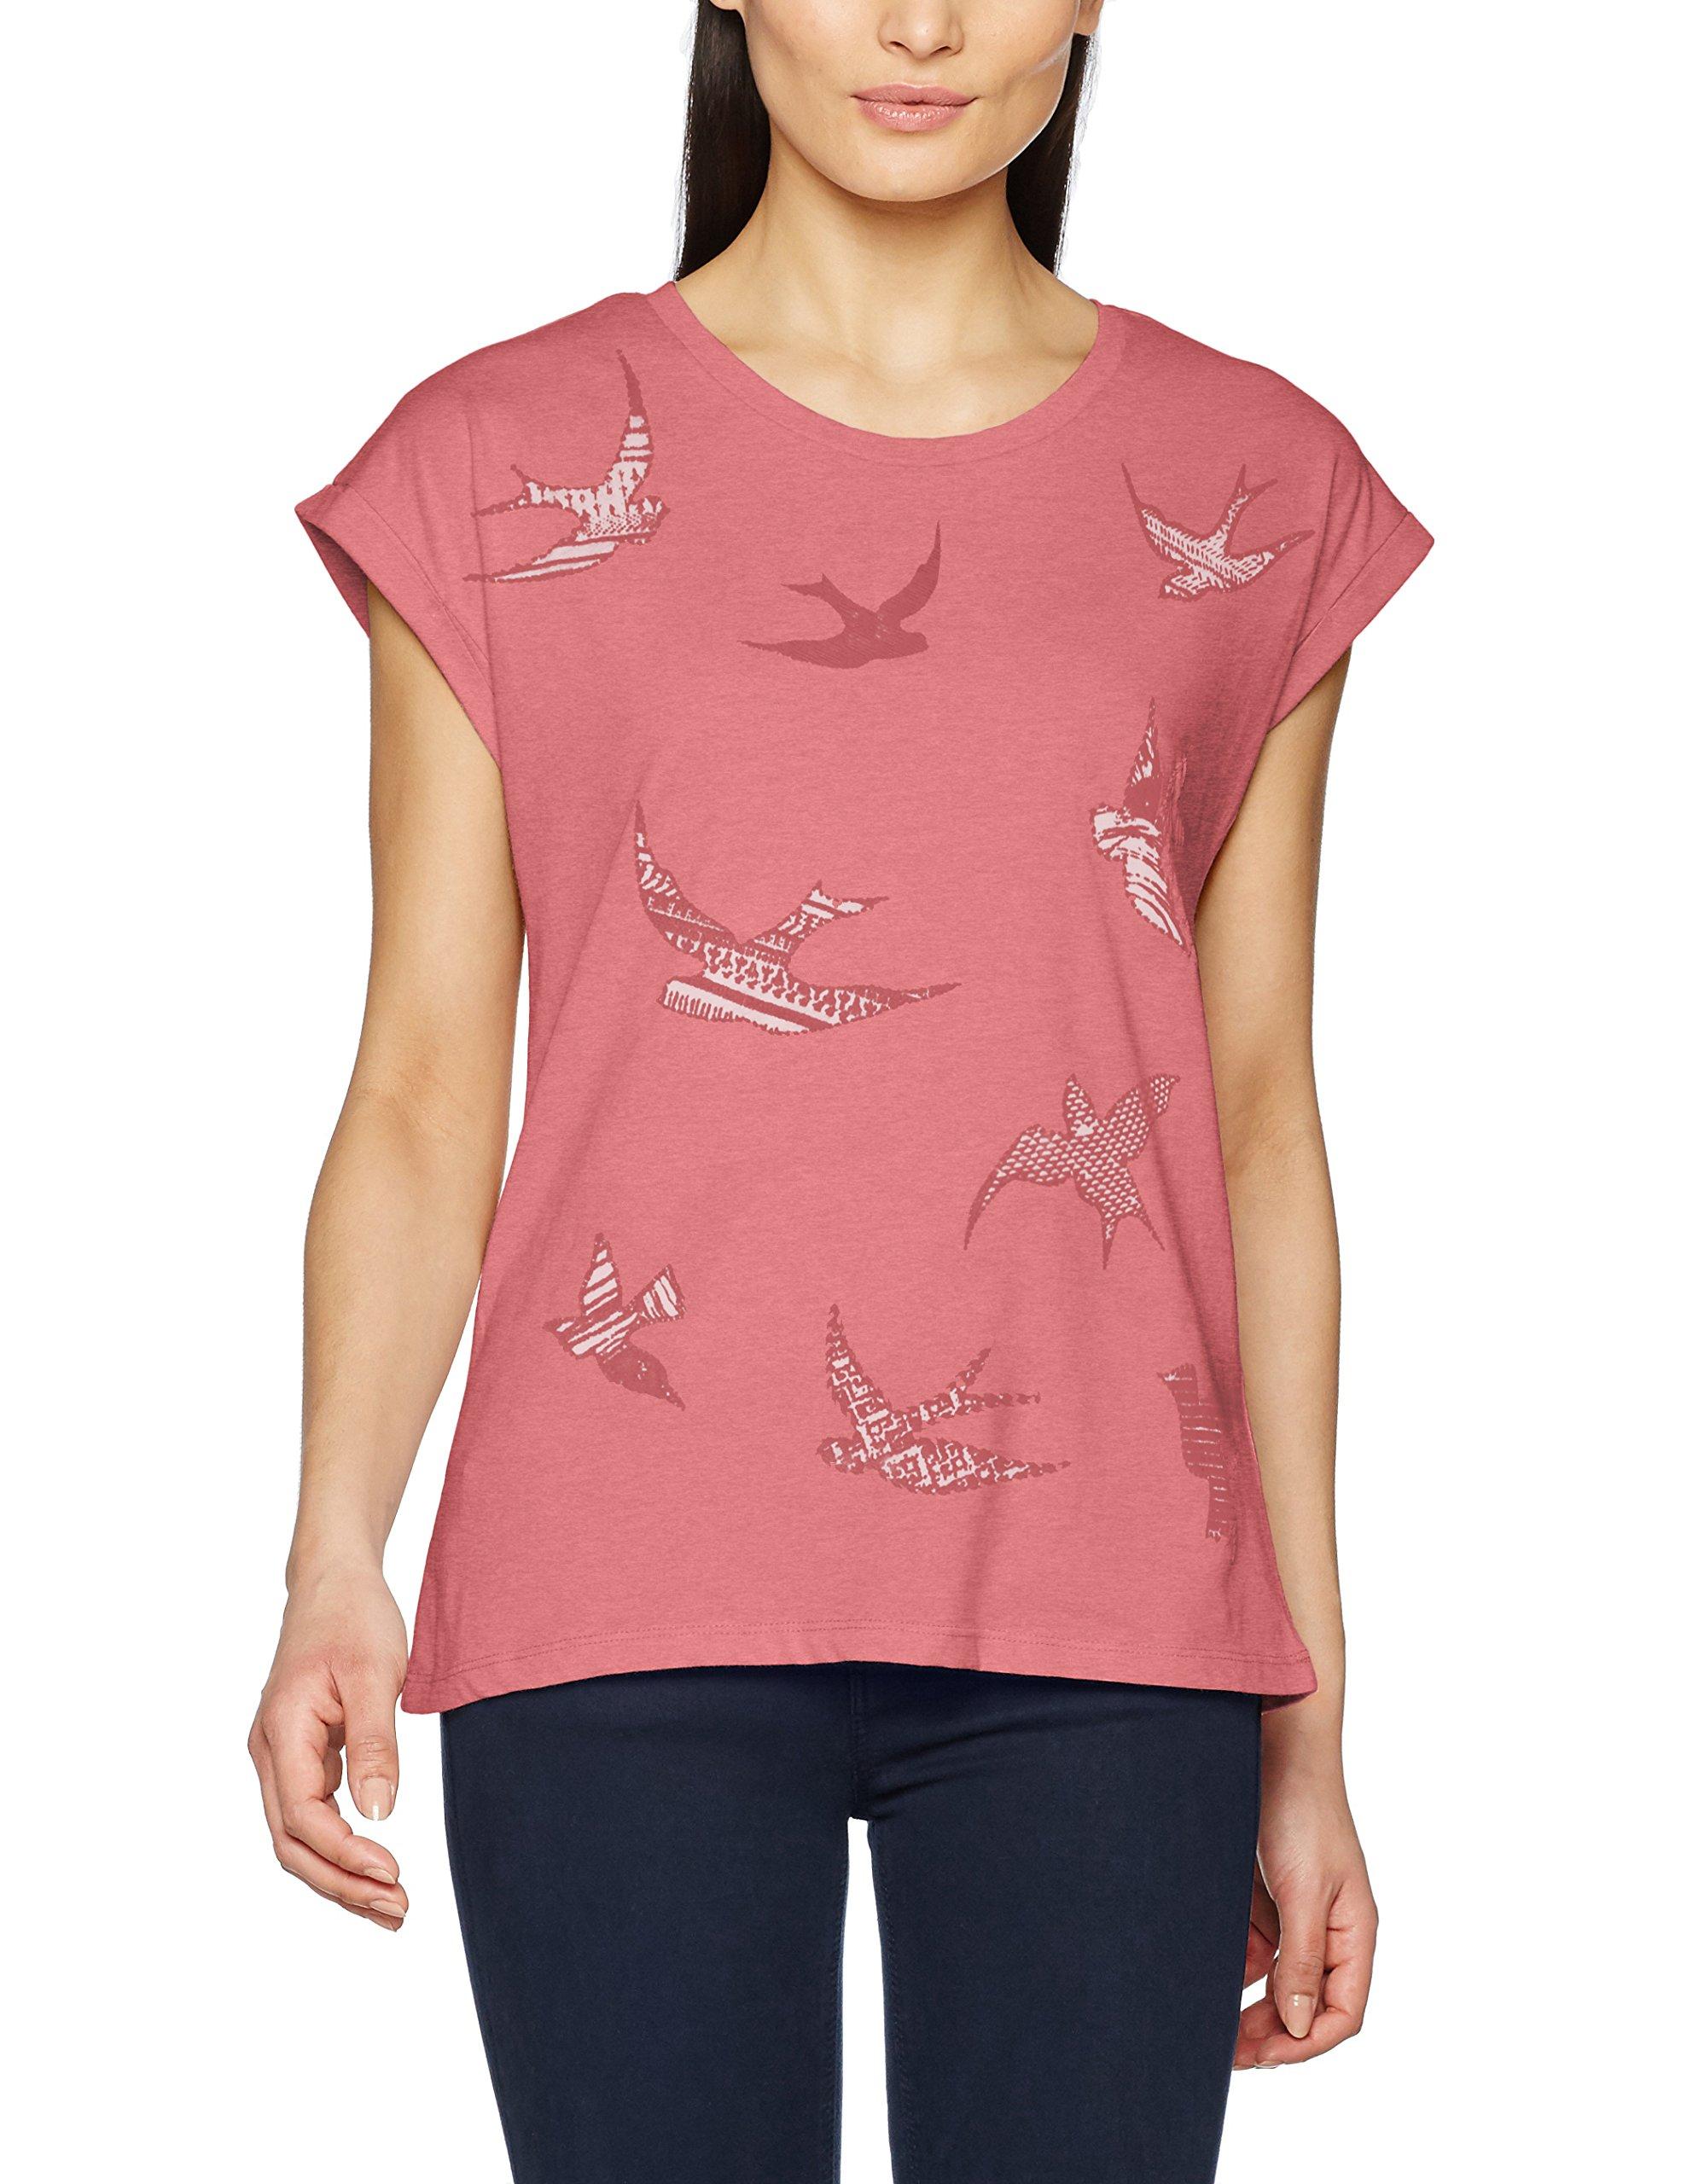 ESPRIT 037ee1k010, T-Shirt Donna, Multicolore (Berry Red 2), 36 (Taglia Produttore: Small)